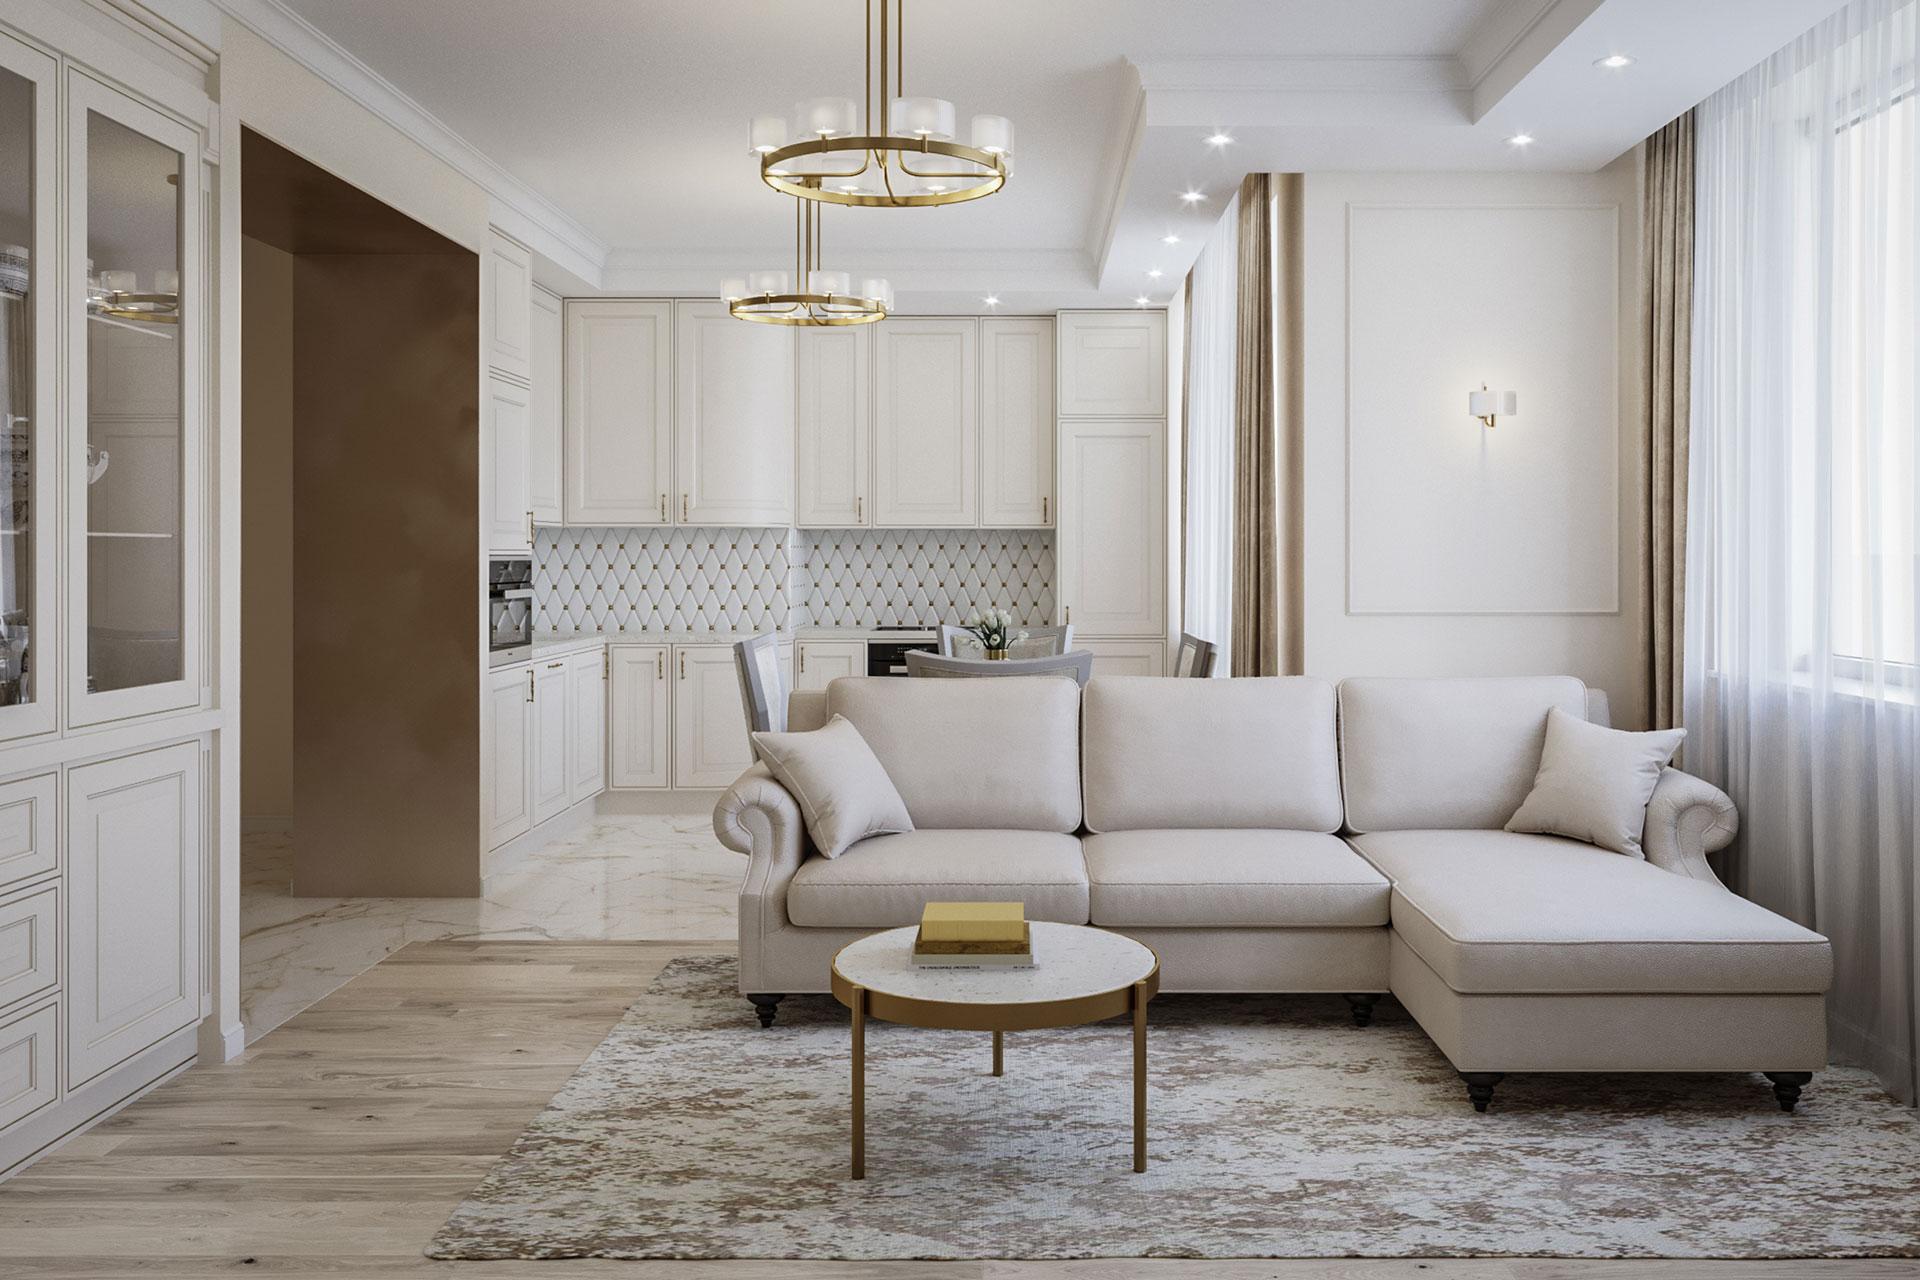 Дизайн интерьера 3-комнатной квартиры в ЖК Искра Парк | Дизайнер Земфира Мамаева